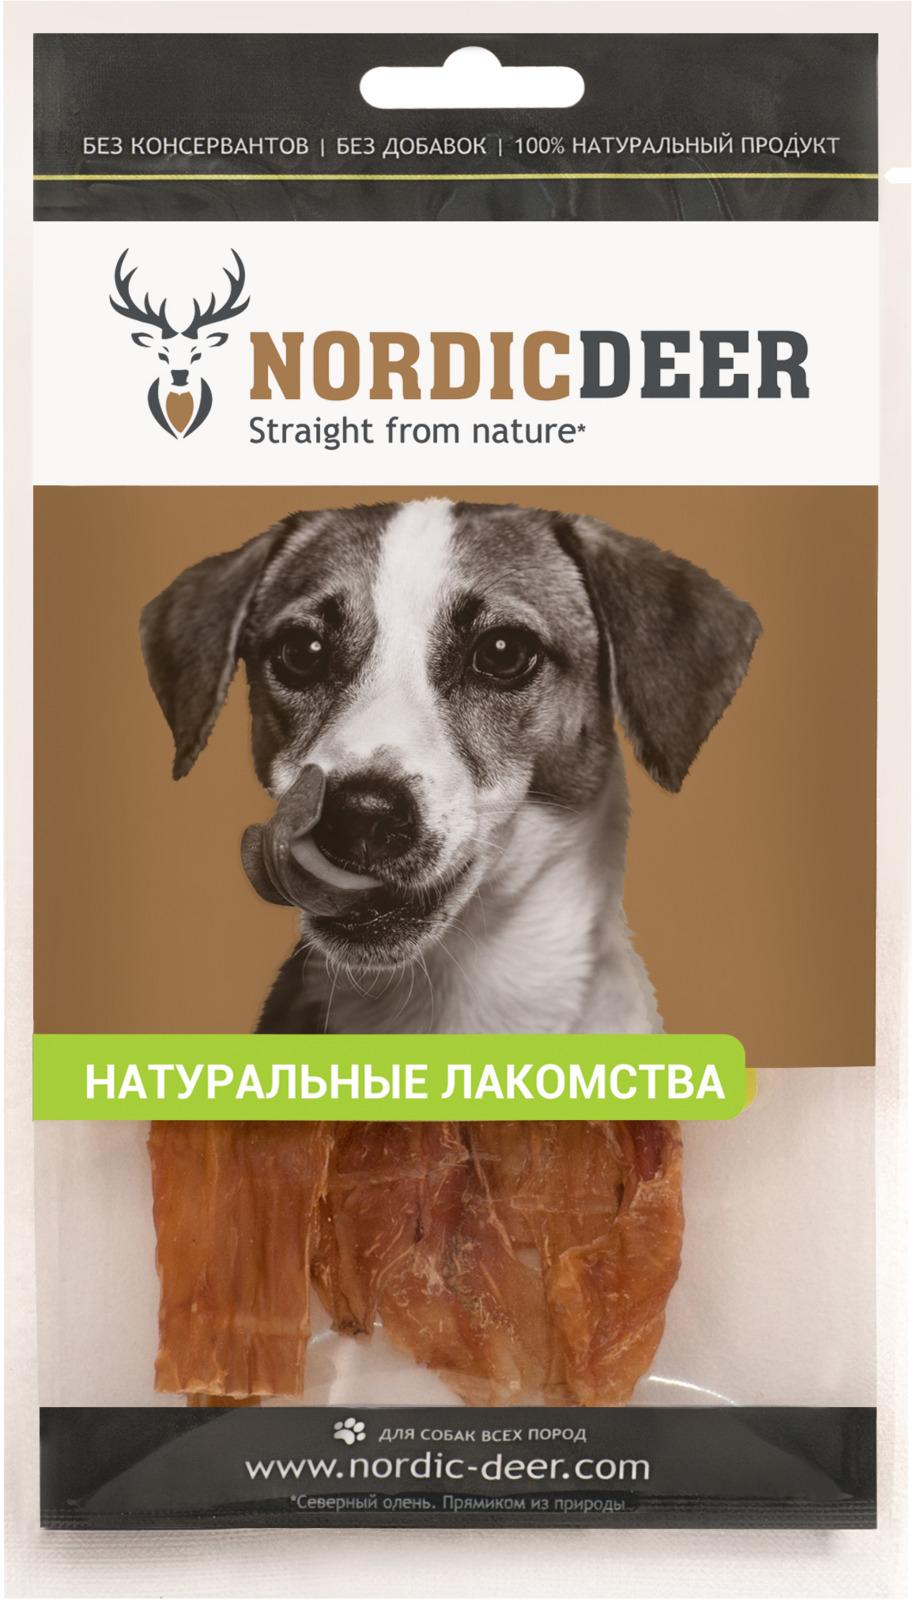 Лакомство для собак Nordic Deer Хорда говяжья, 15 см, 40 г лакомство для собак nordic deer печень говяжья 3 шт по 40 г